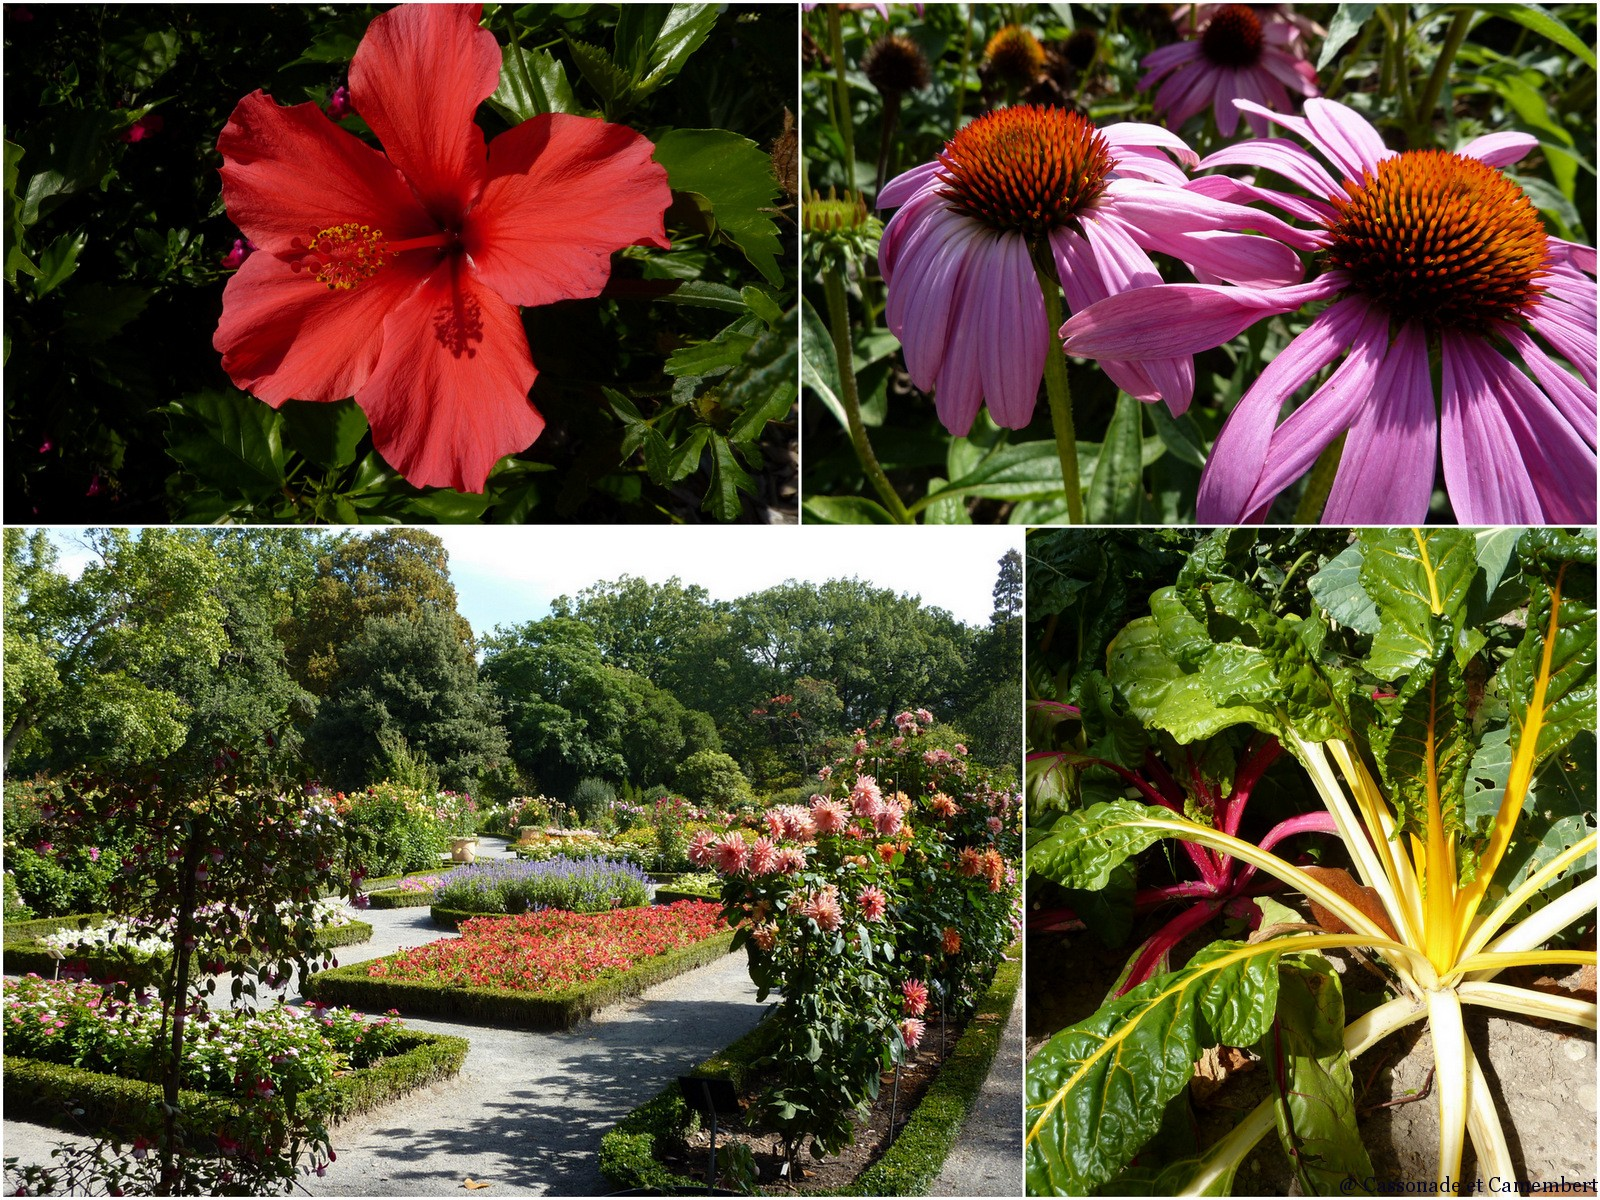 Jardin botanique parc de la tete d or lyon cassonade et - Jardin botanique de lyon ...